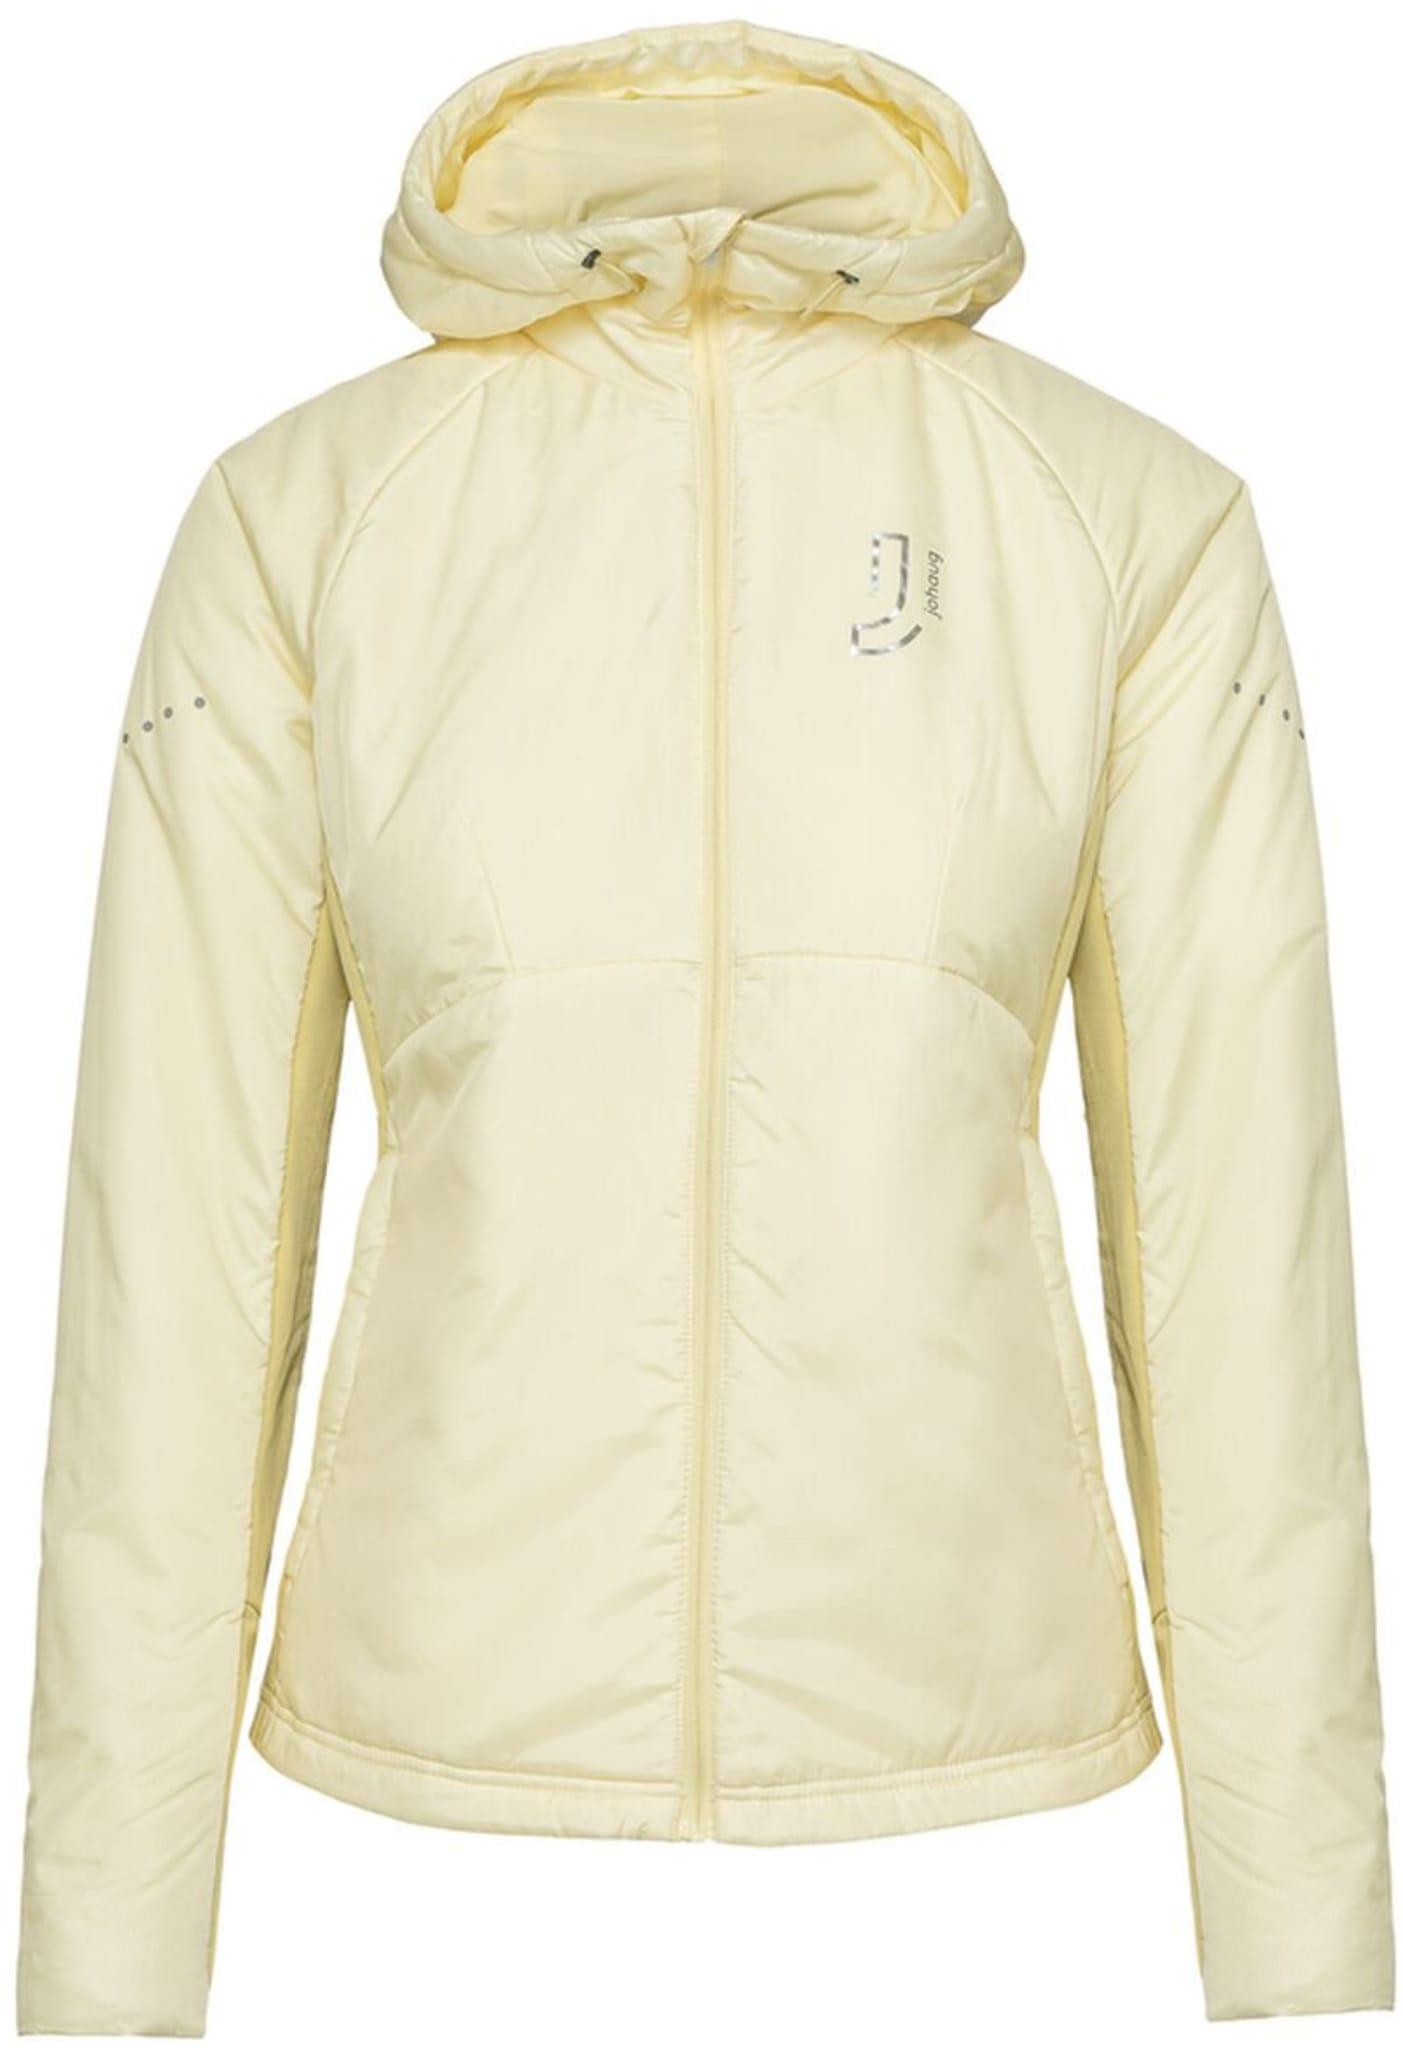 Lett og varm jakke med hette til alle utendørsaktiviteter